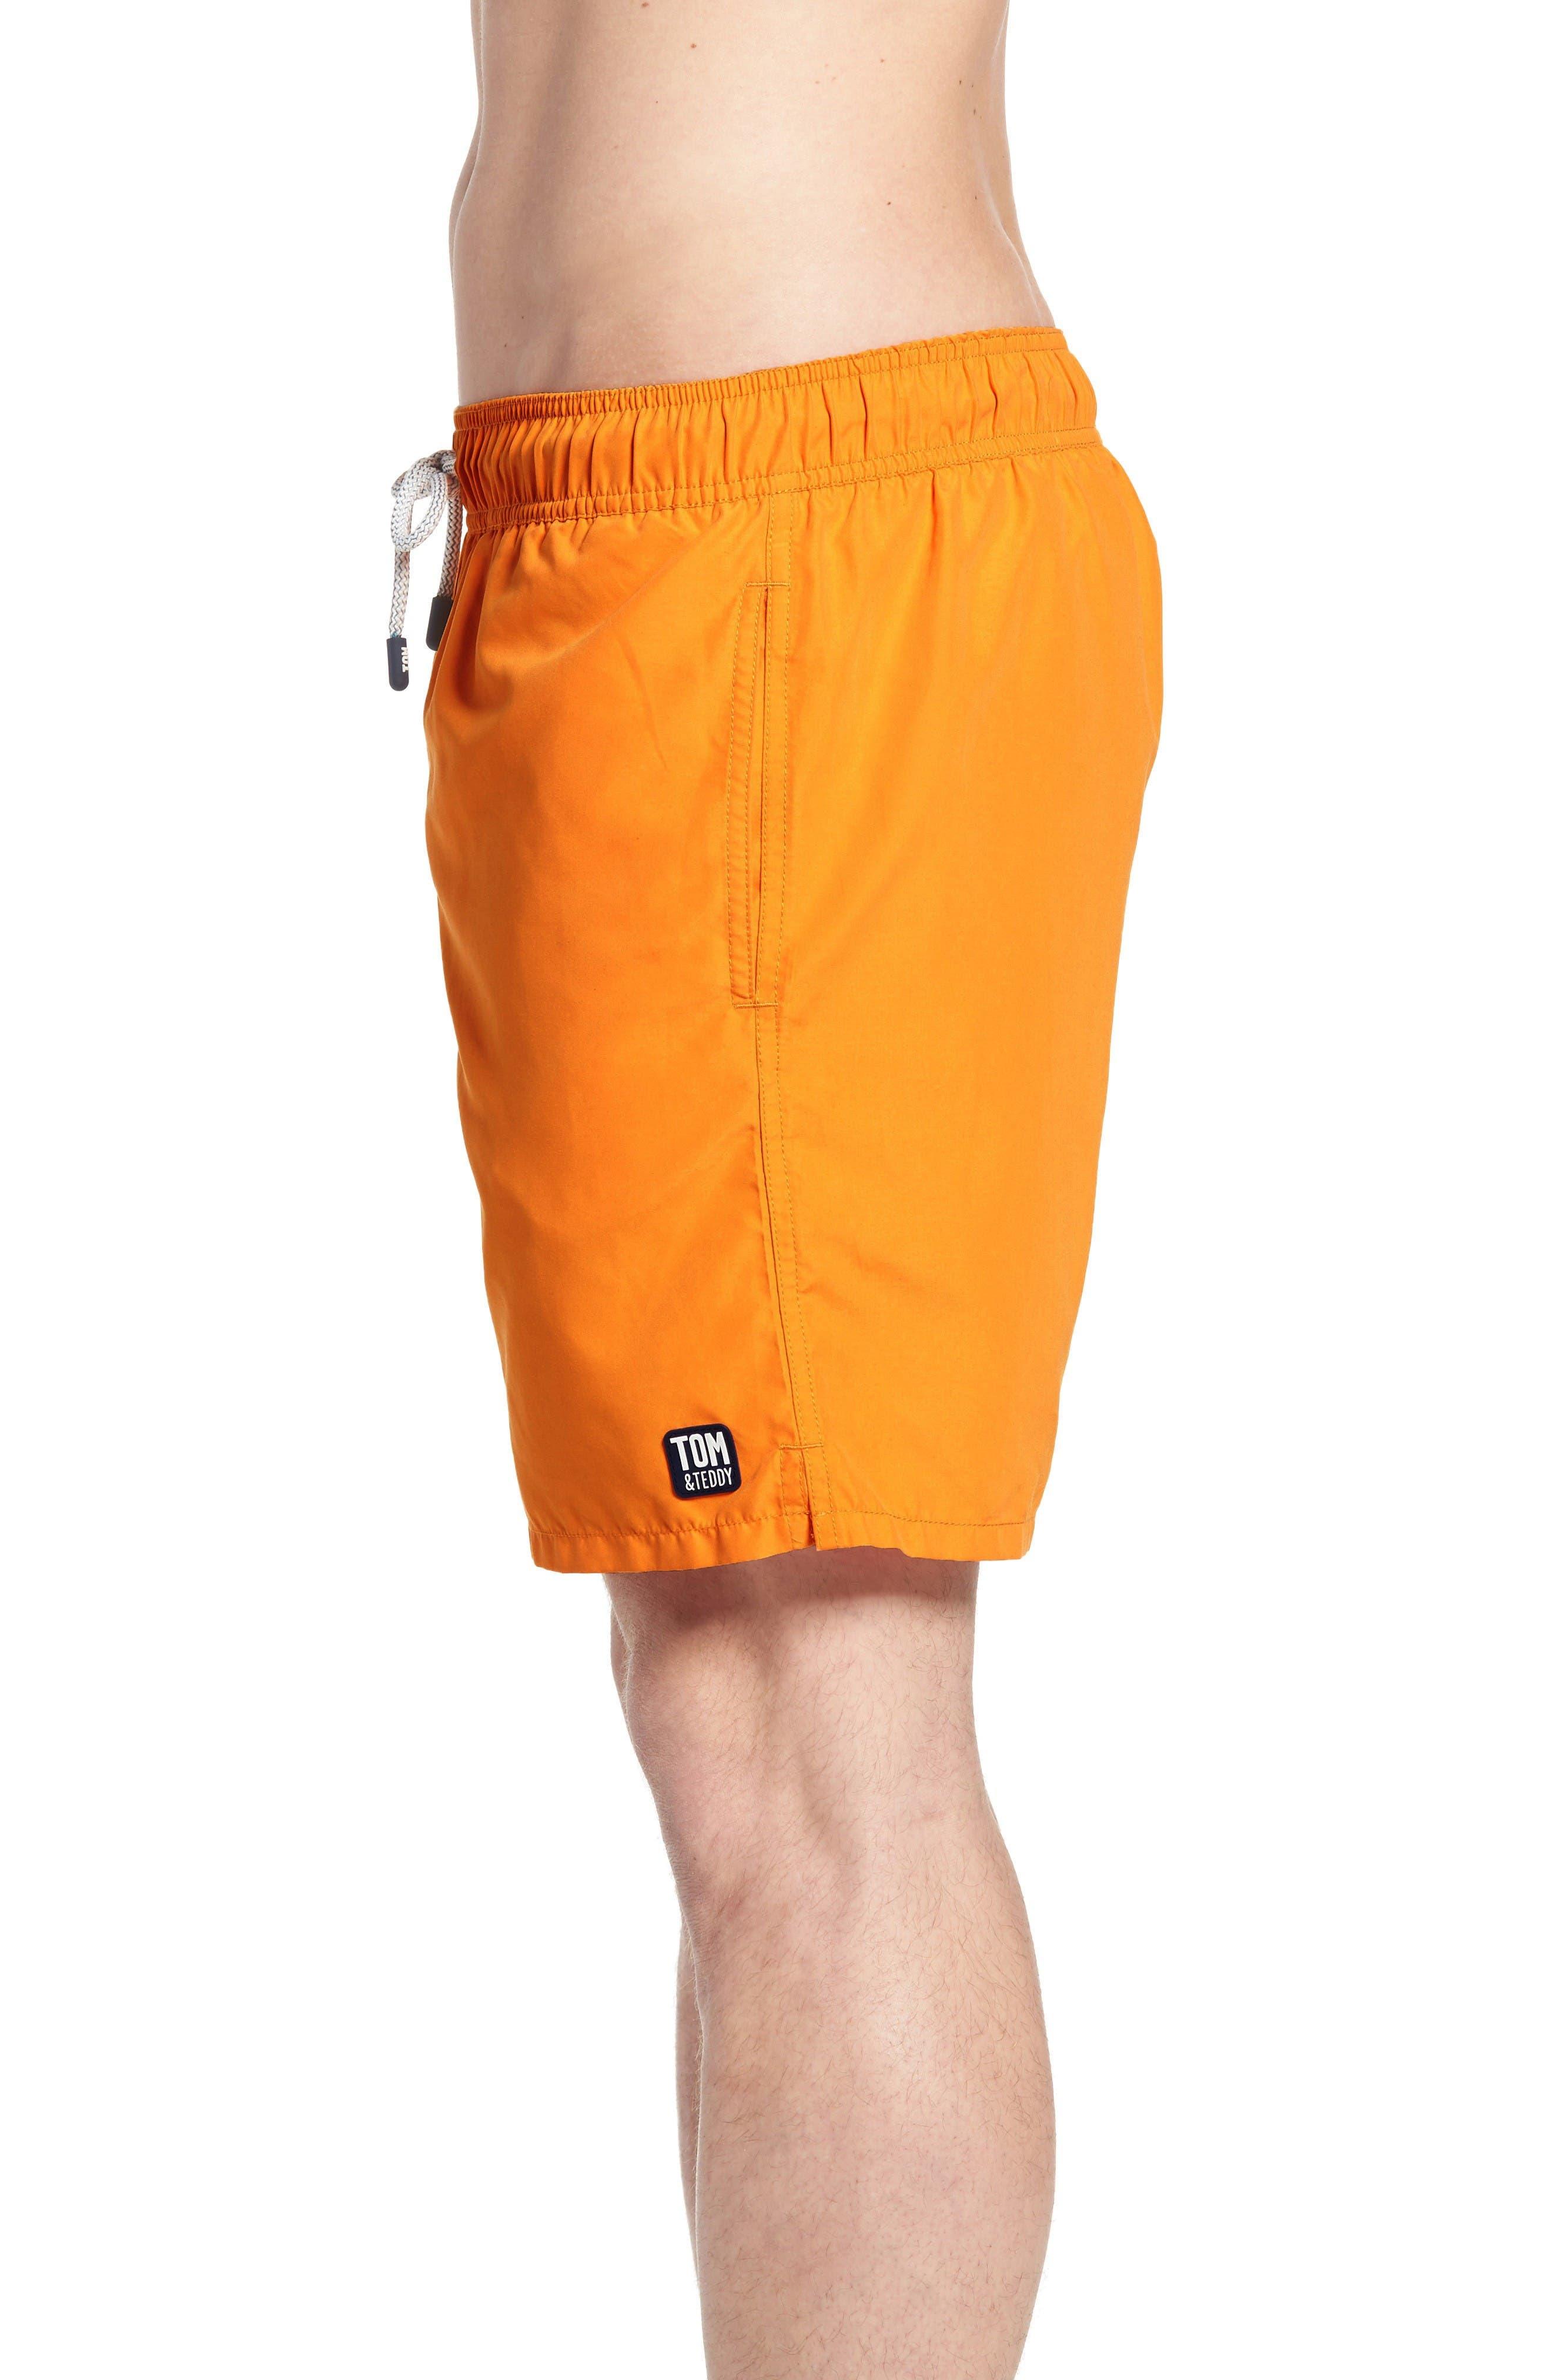 Swim Trunks,                             Alternate thumbnail 3, color,                             Baked Orange